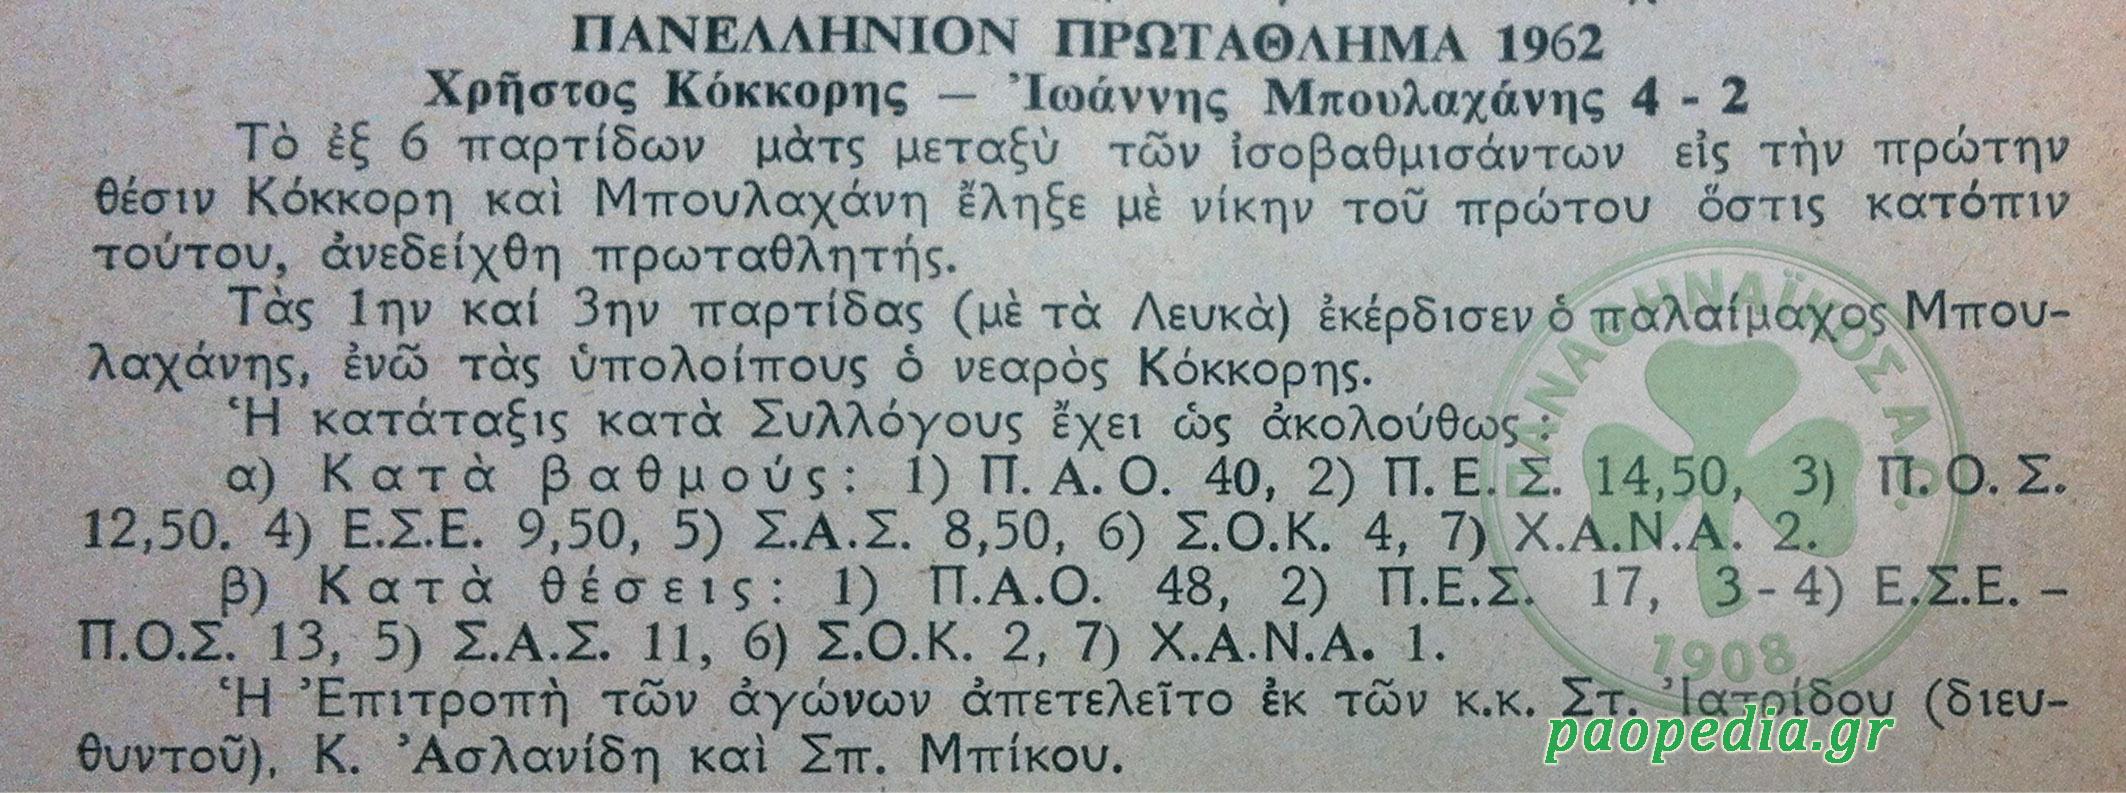 Σκάκι: Πανελλήνιο Πρωτάθλημα Ανδρών 1962 (ομαδική βαθμολογία)